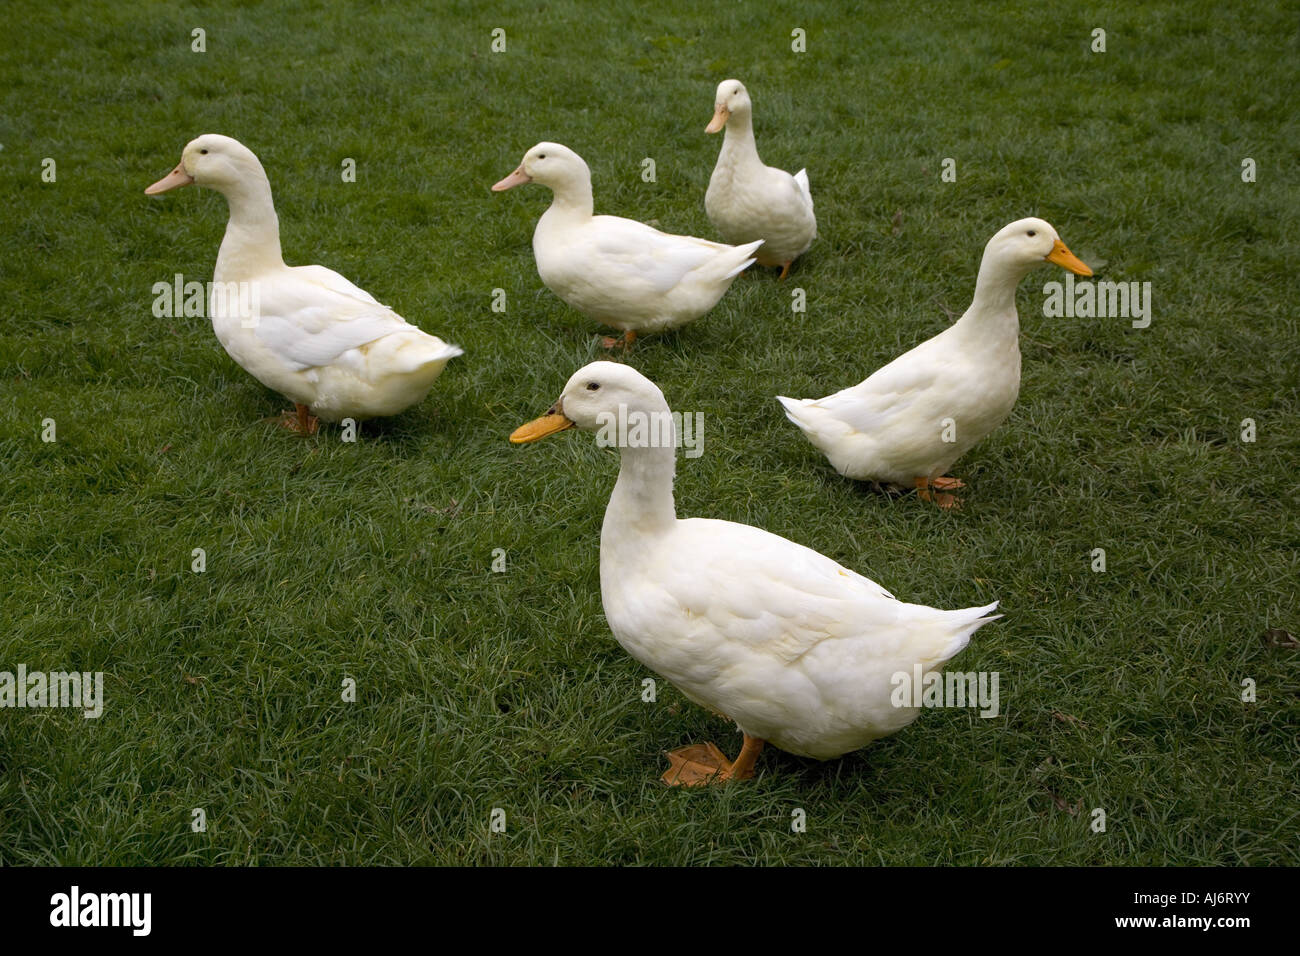 Aylesbury Duck Group - Stock Image